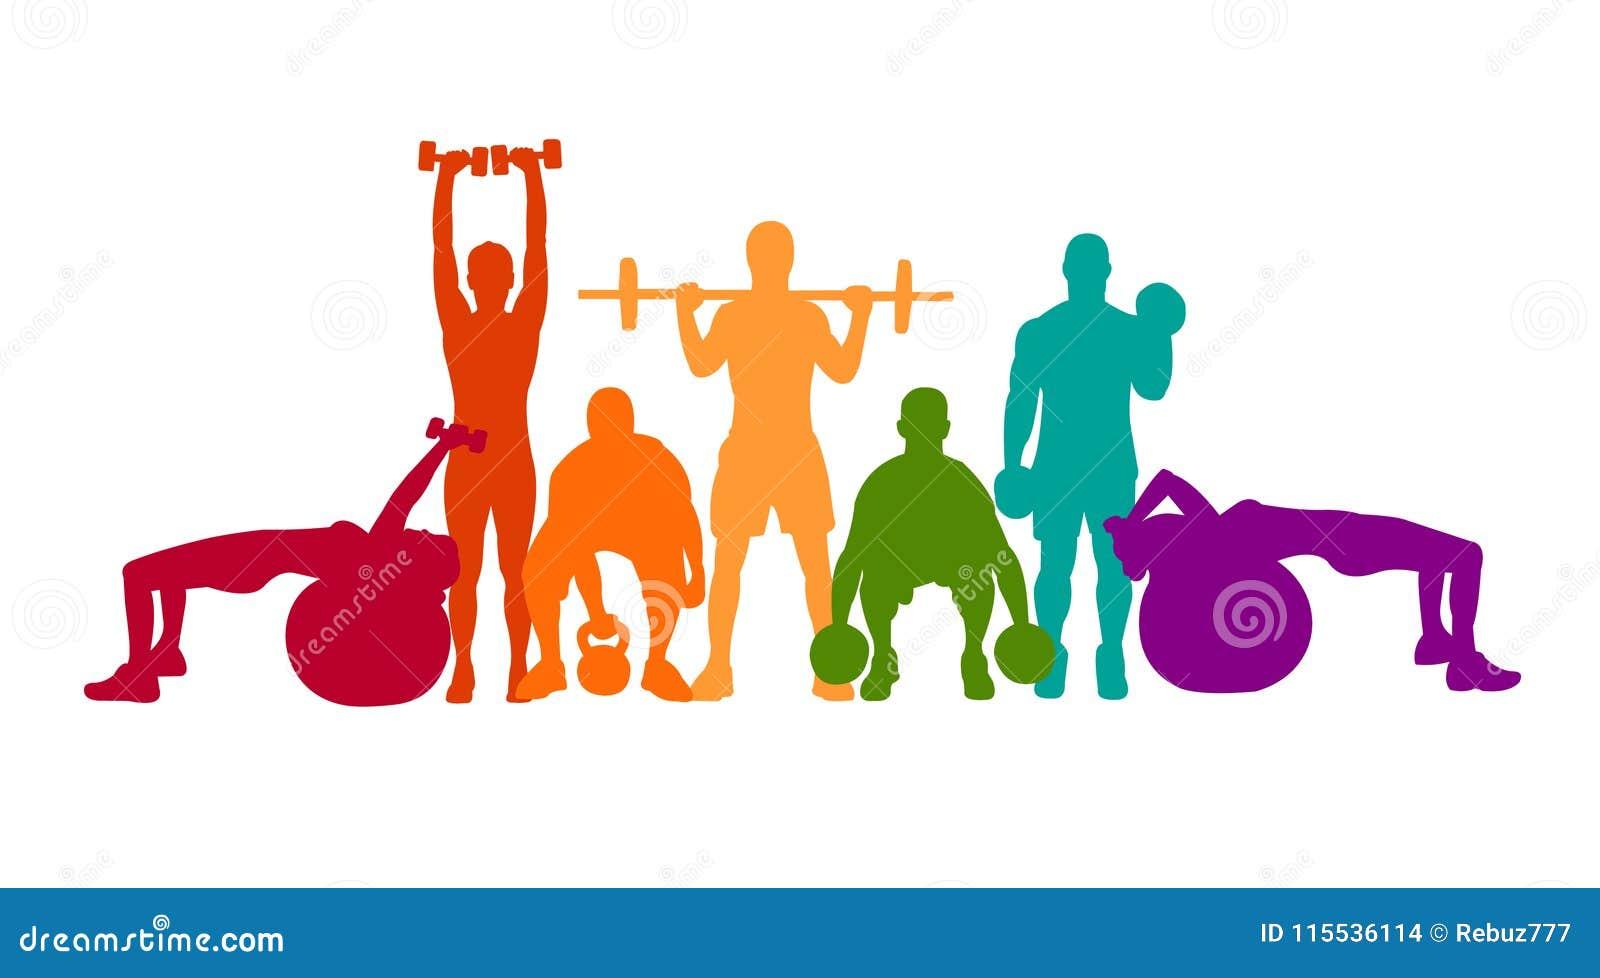 Η λεπτομερής διανυσματική απεικόνιση σκιαγραφεί τους ισχυρούς κυλώντας ανθρώπους καθορισμένους το powerlifti σώμα-οικοδόμησης γυμ